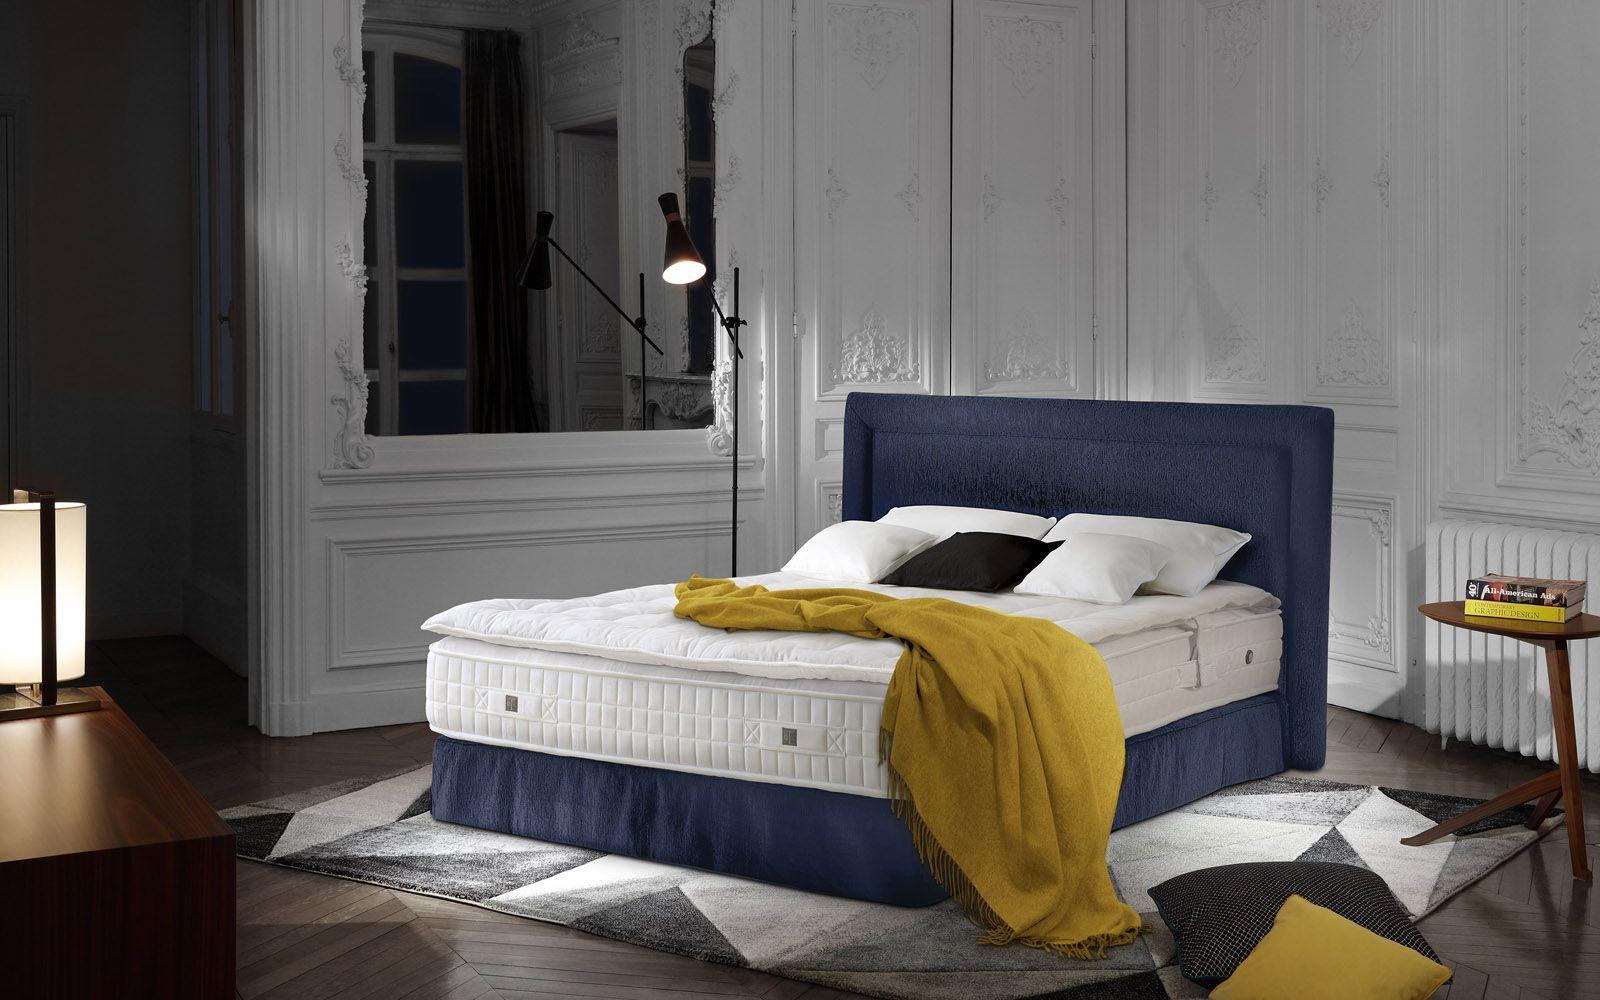 Full Size of Treca Betten Paris Haute Couture Designerbetten Designer Bett Mit Aufbewahrung Für übergewichtige Massivholz überlänge Außergewöhnliche 200x200 200x220 Bett Treca Betten